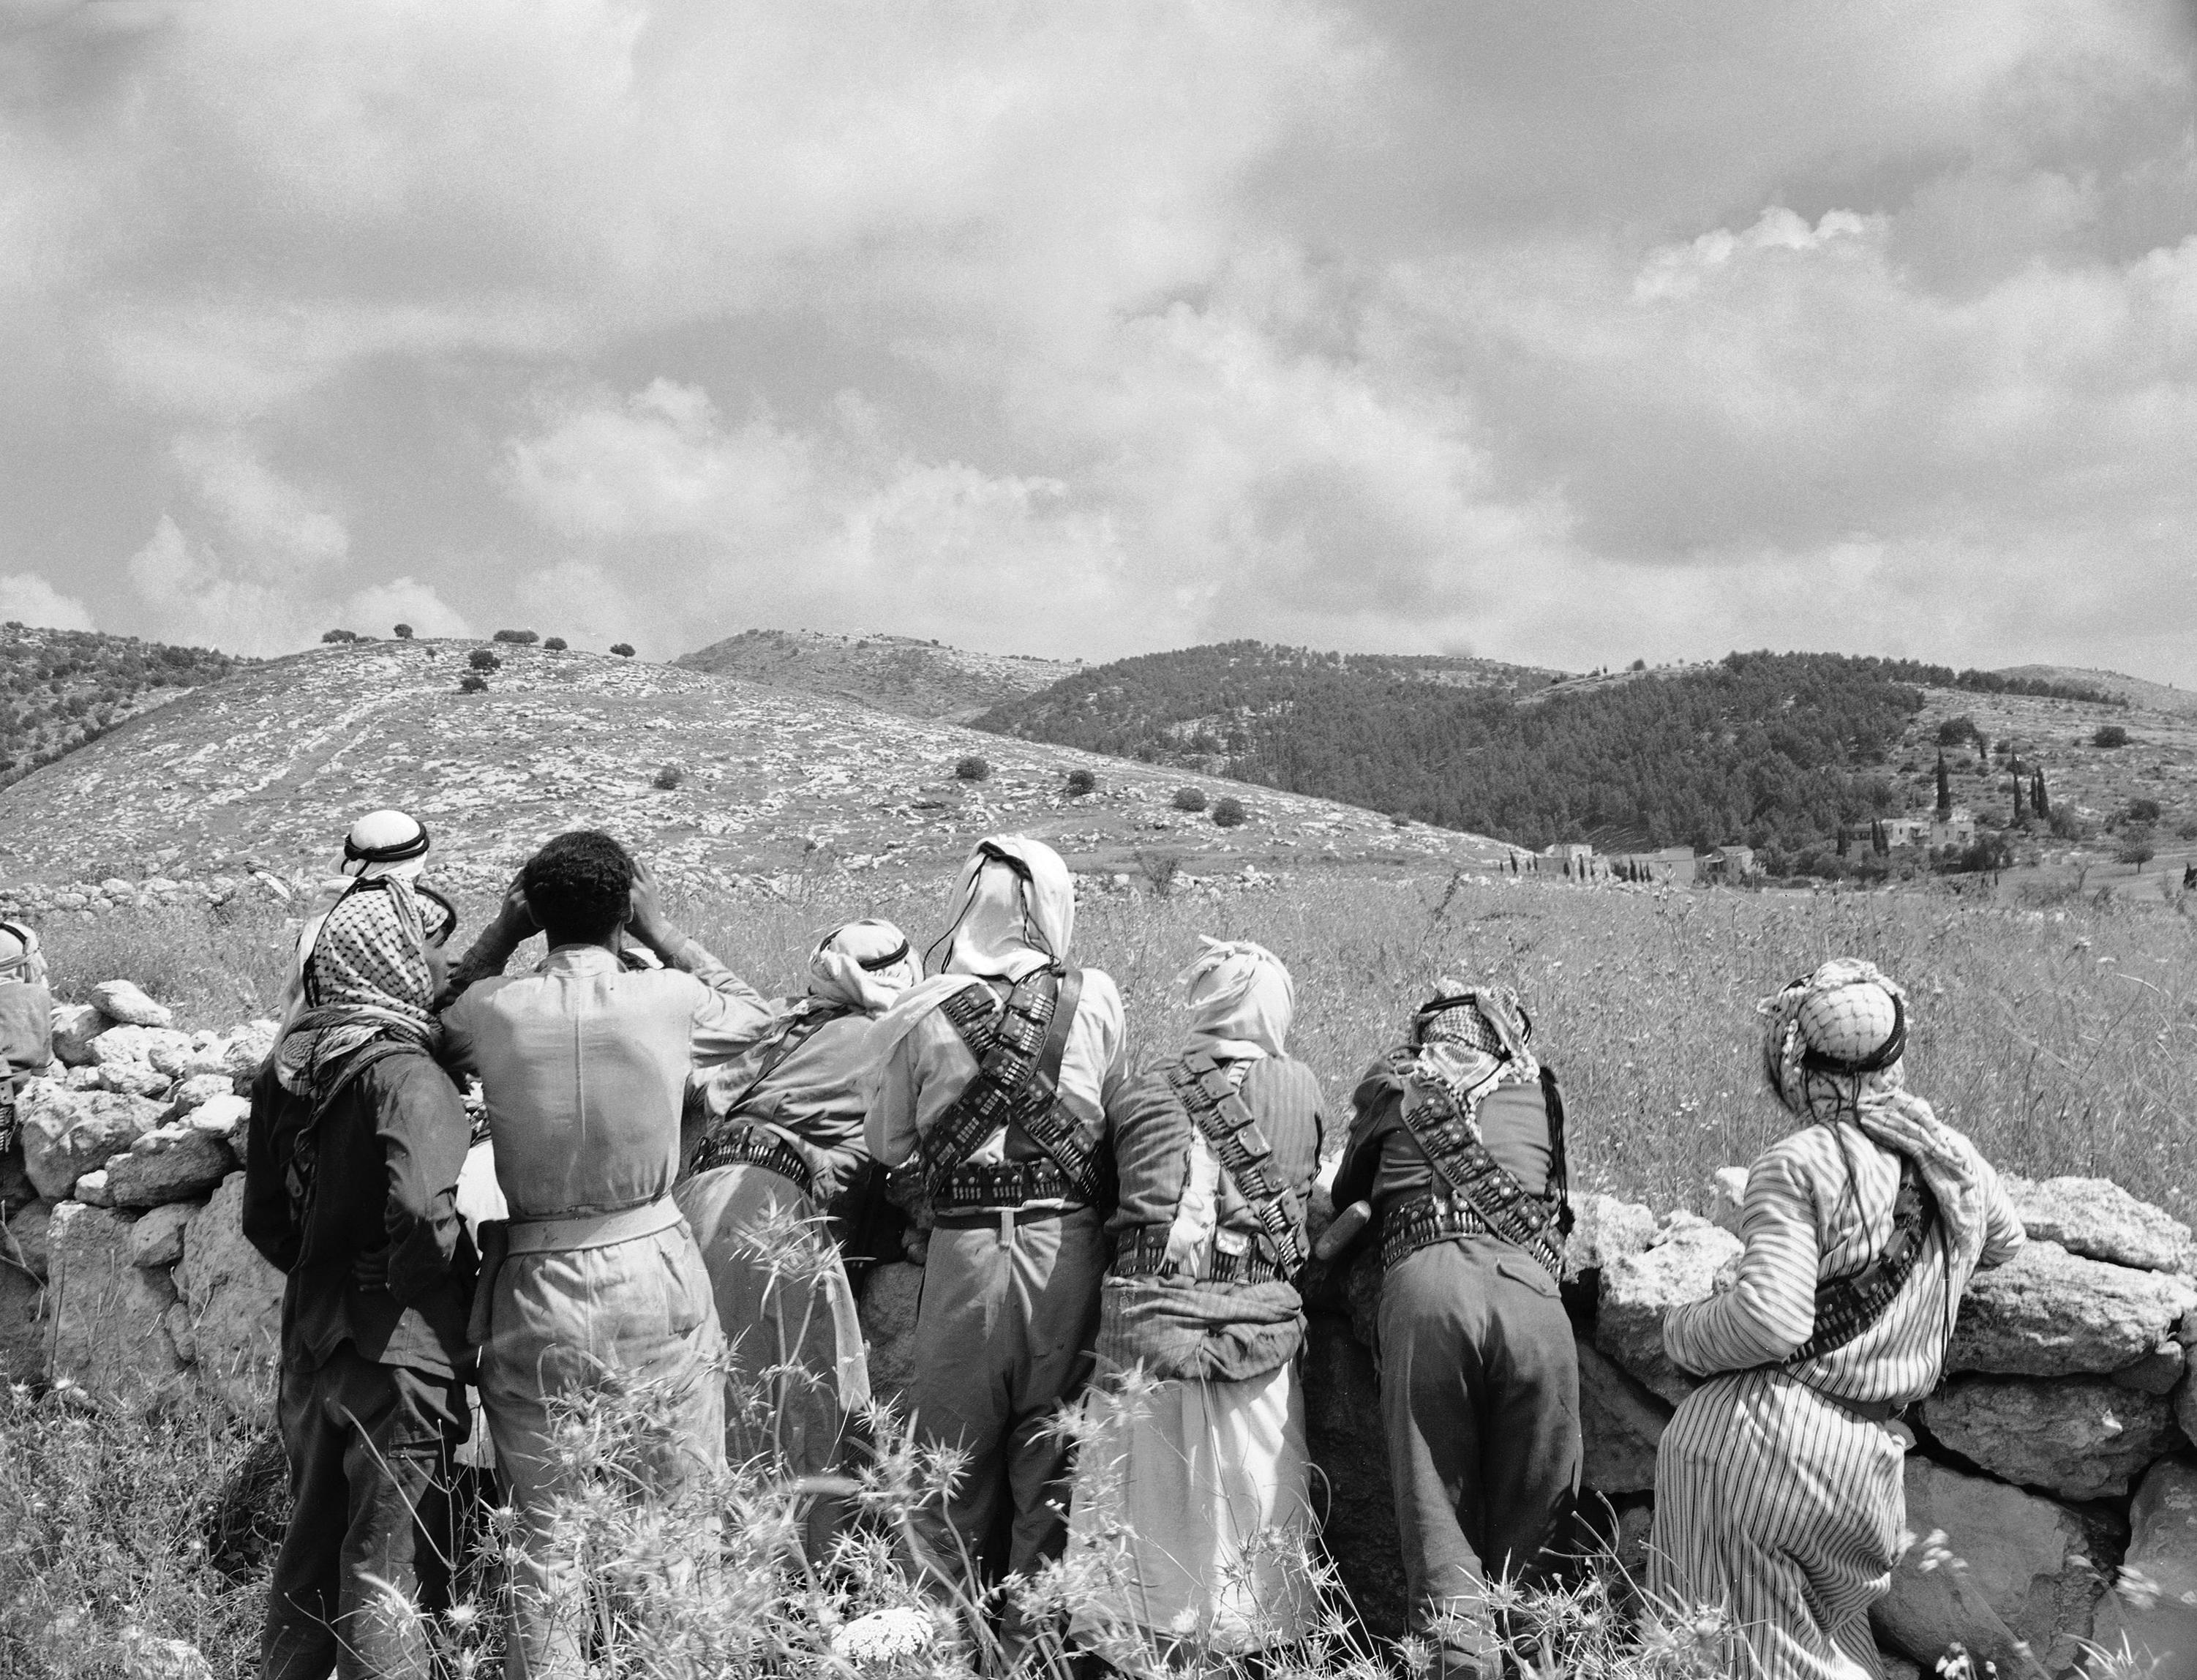 Арабские бойцы просматривают холмы в районе Баб Эль-Вад 10 мая 1948 года. Арабские и еврейские силы столкнулись в битве за контроль над трассом Тель-Авив-Иерусалим